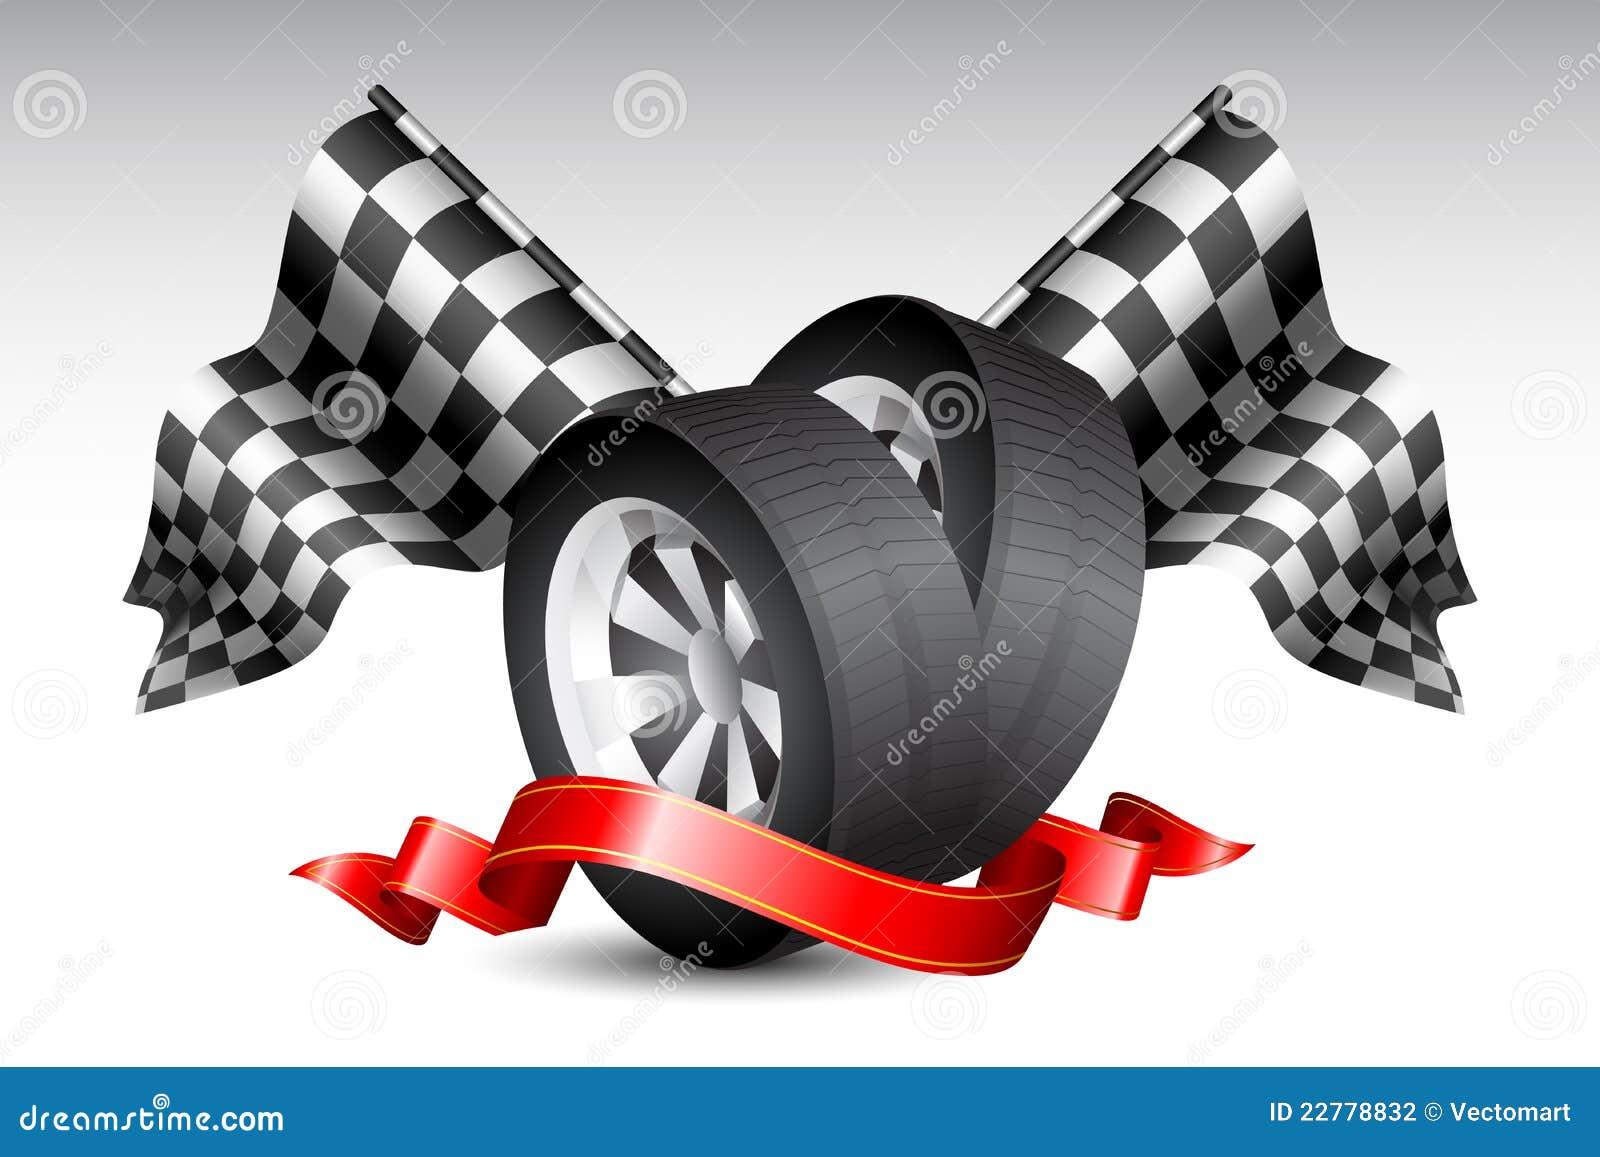 Car Racing Holidays